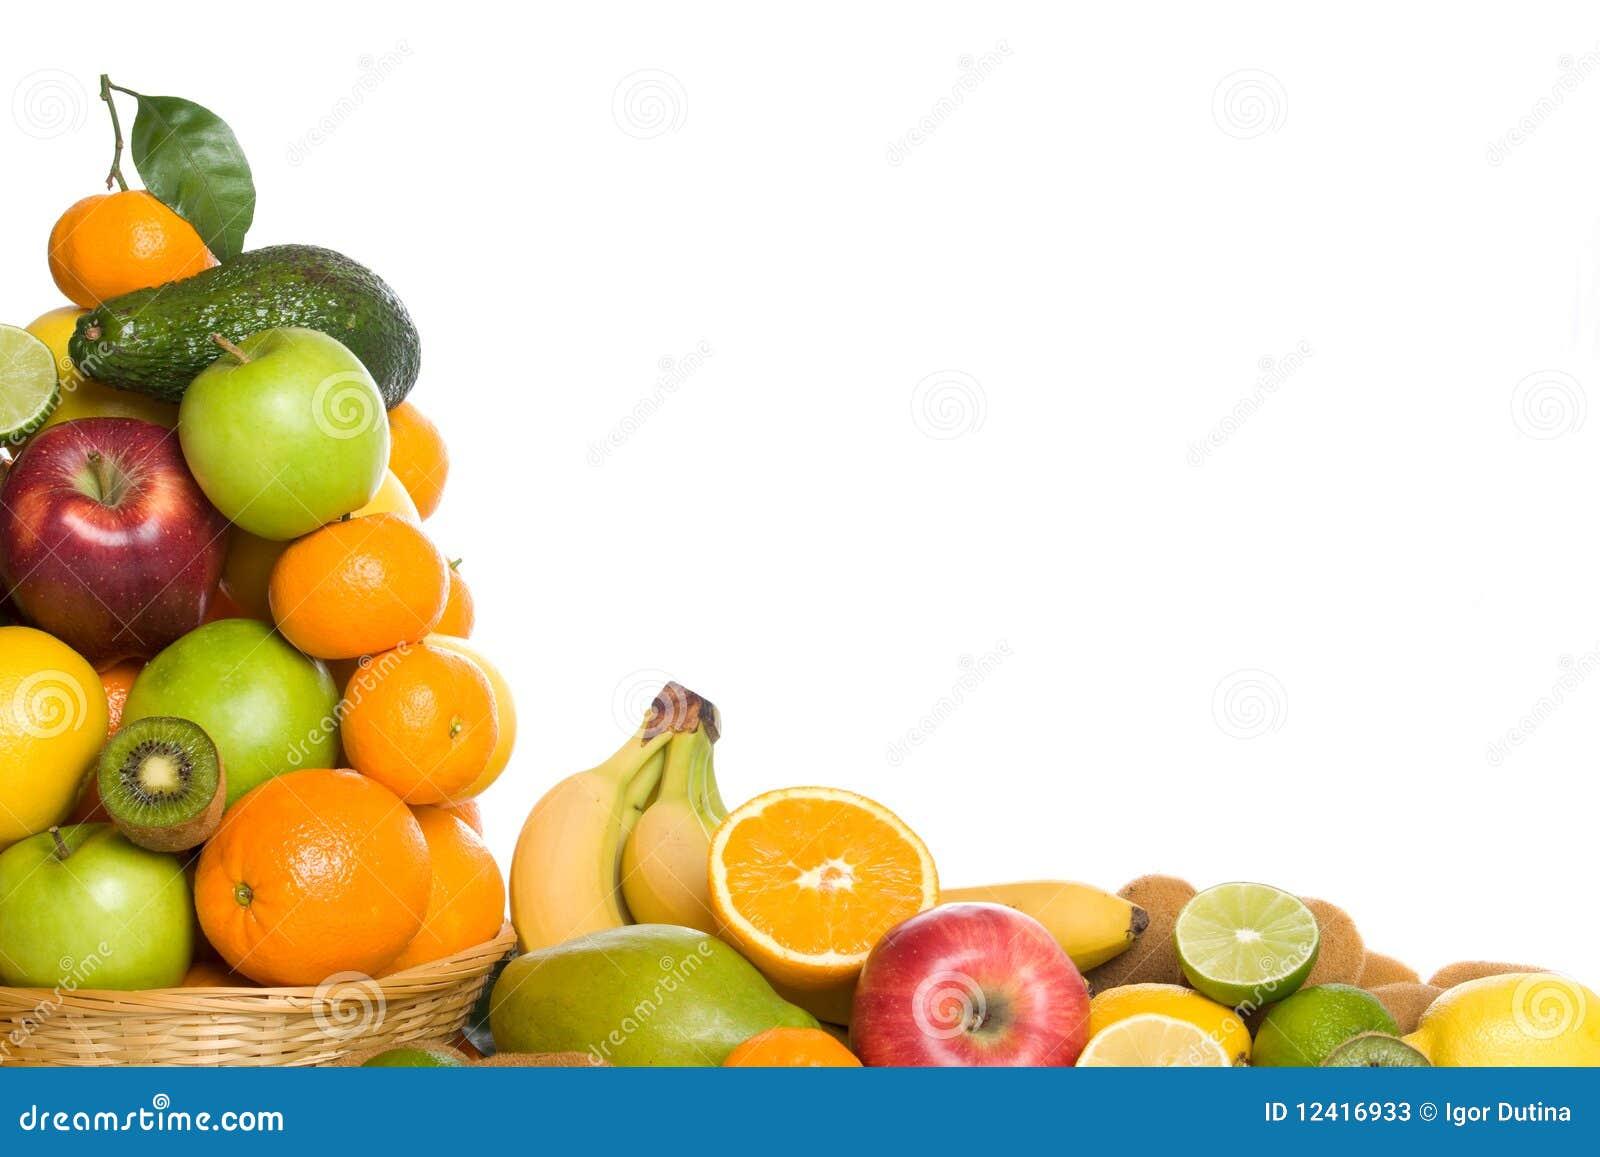 Zitrusfrucht und tropische Frucht auf weißem Hintergrund